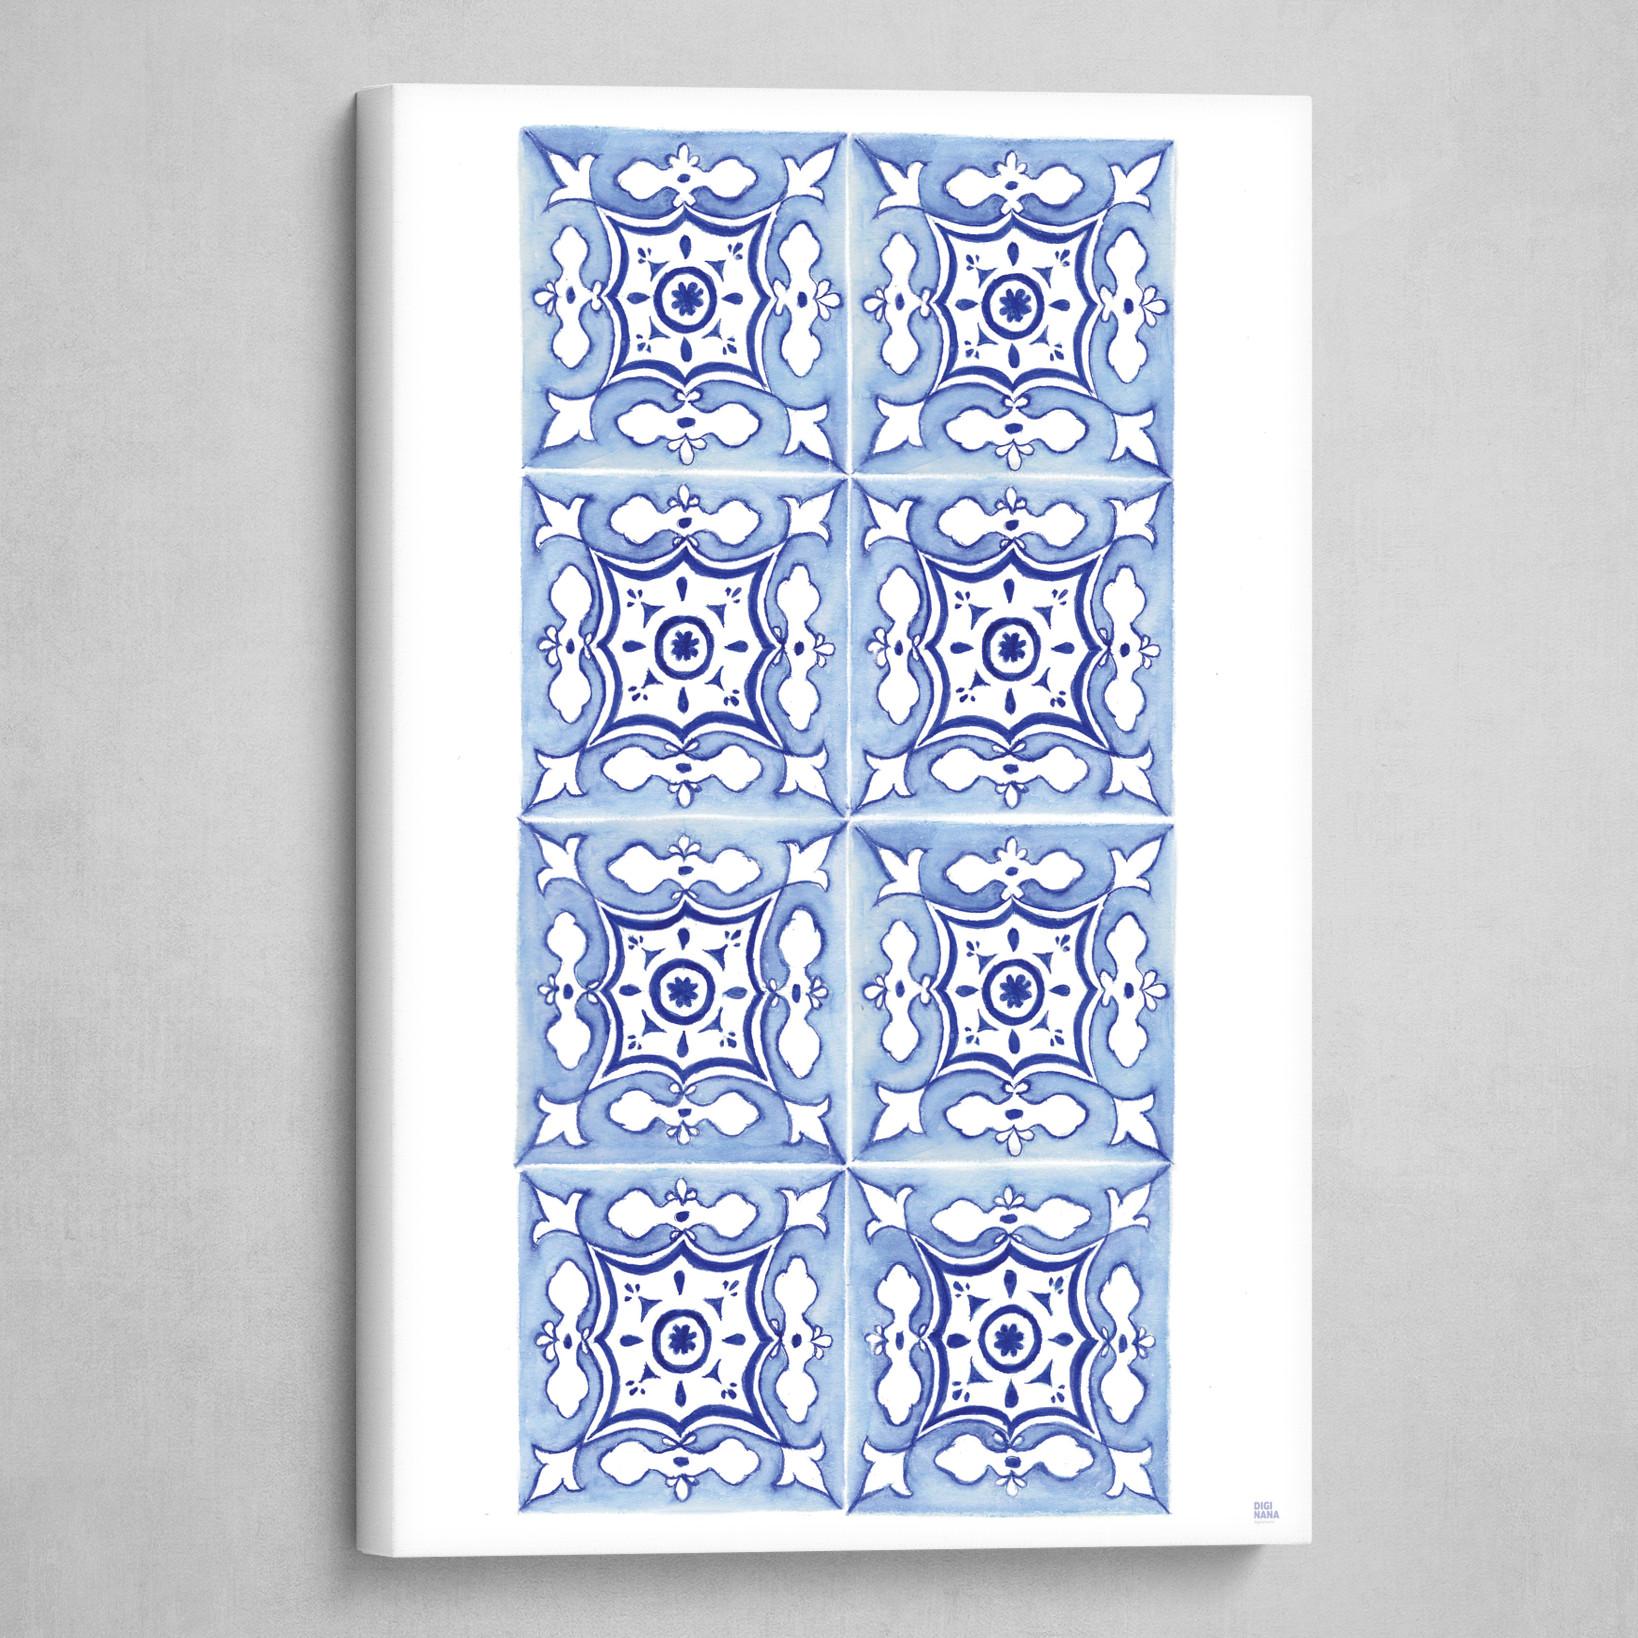 Porto's Tiles 2.0